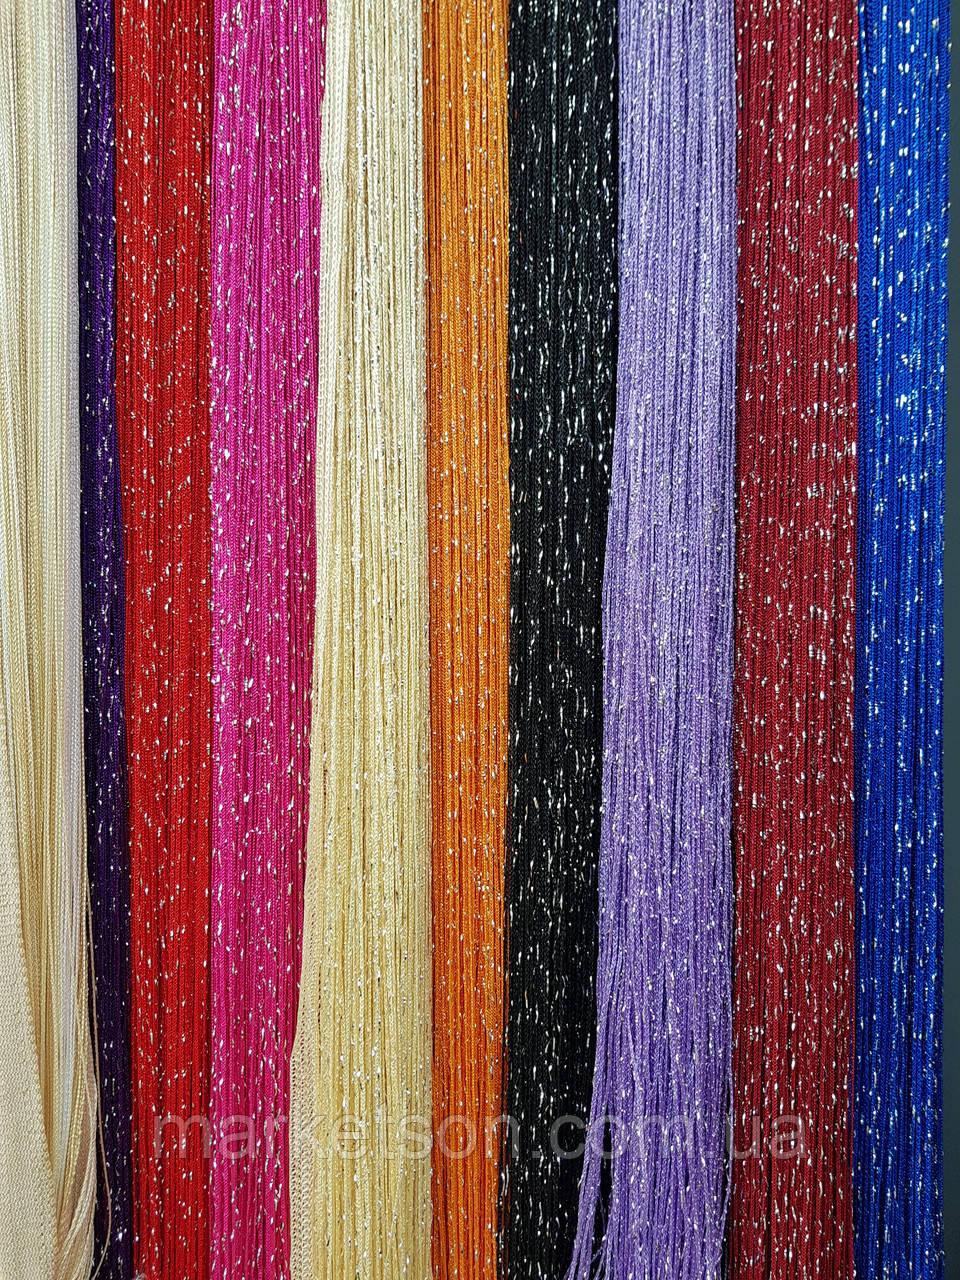 Шторы нити кисея радуга, дождь, лапша с люрексом.Каждый цвет отдельная штора